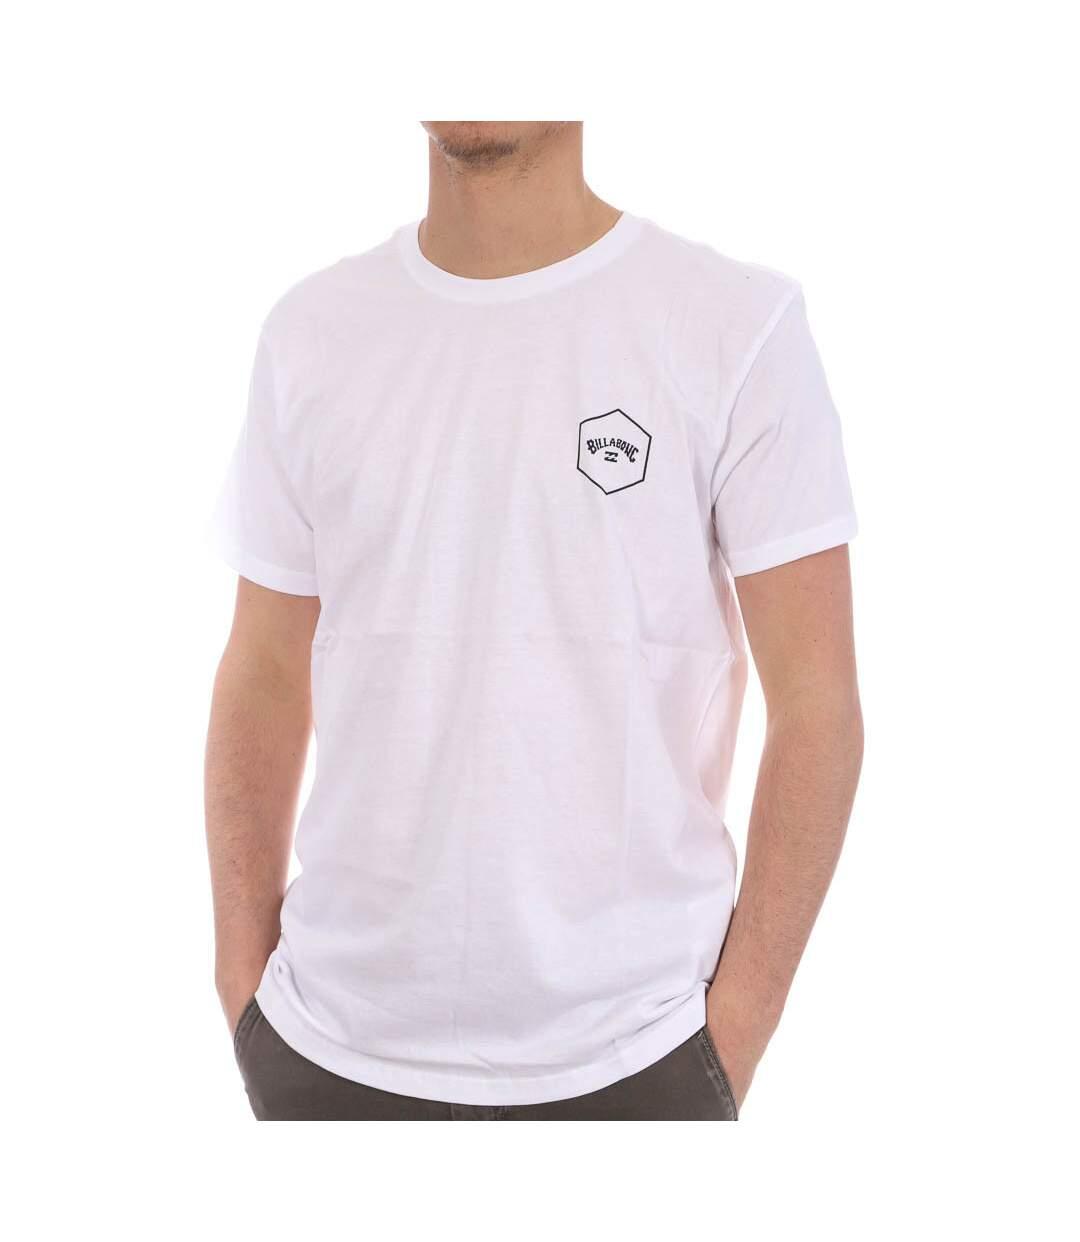 T-shirt Blanc Homme Billabong Access